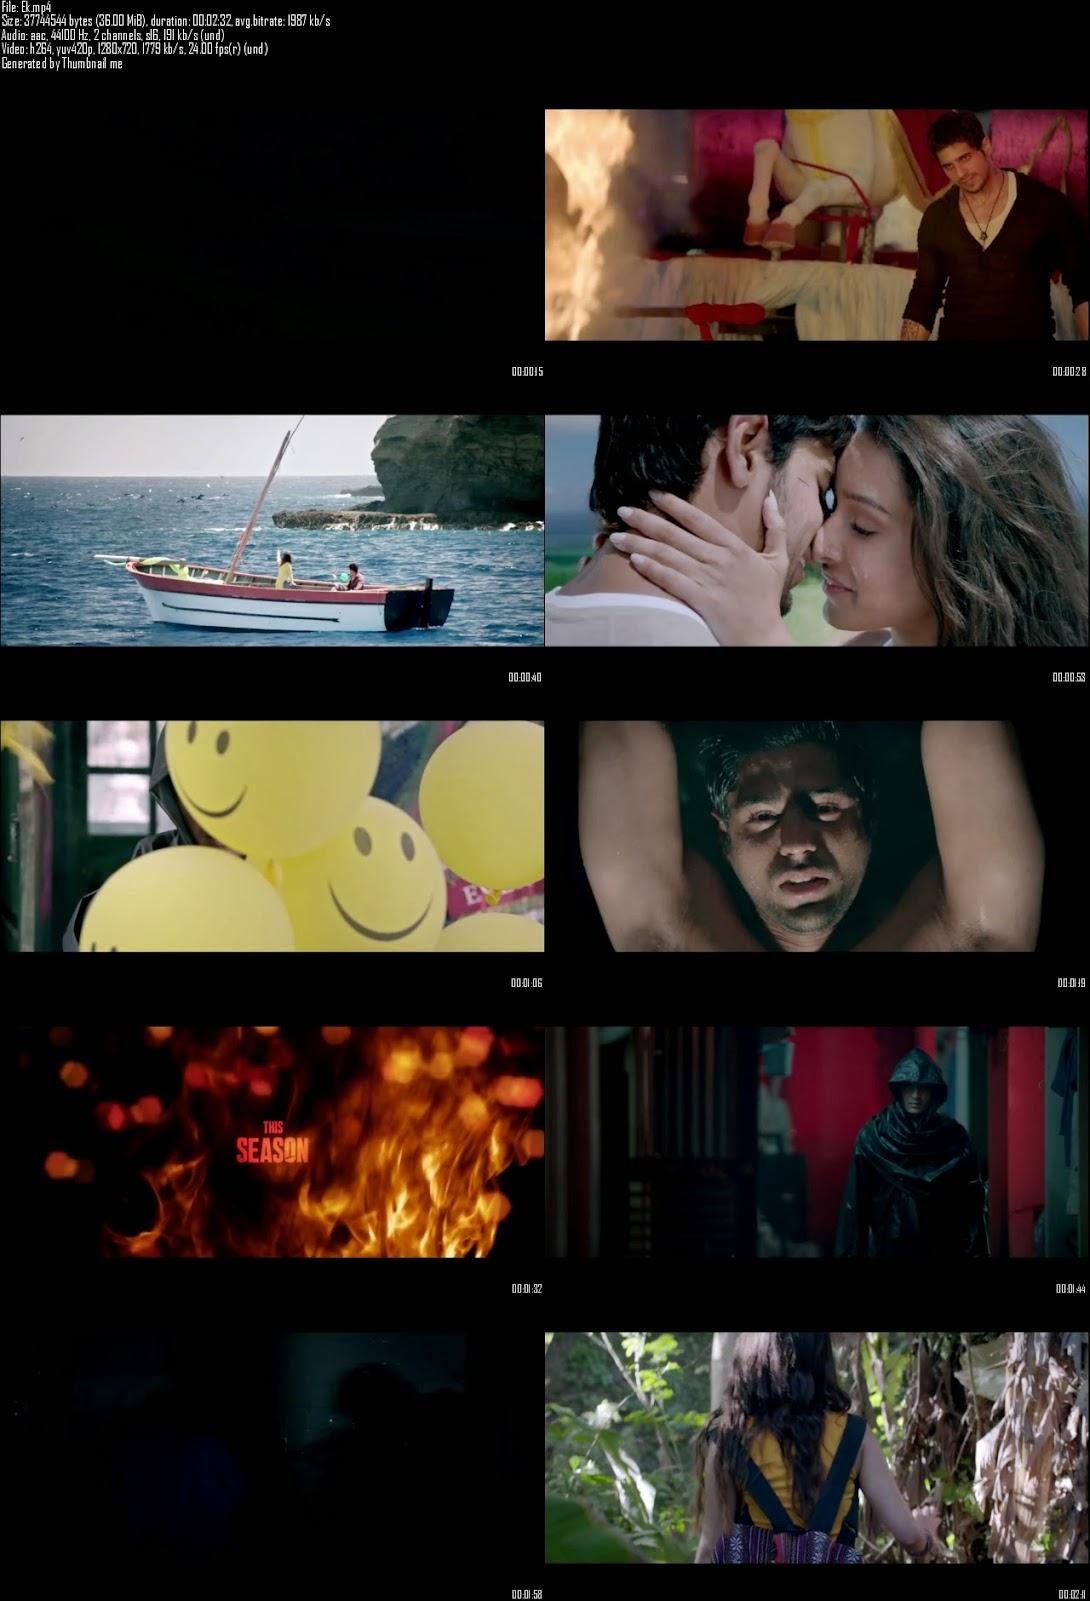 Mediafire Resumable Download Link For Teaser Promo Of Ek Villain (2014)